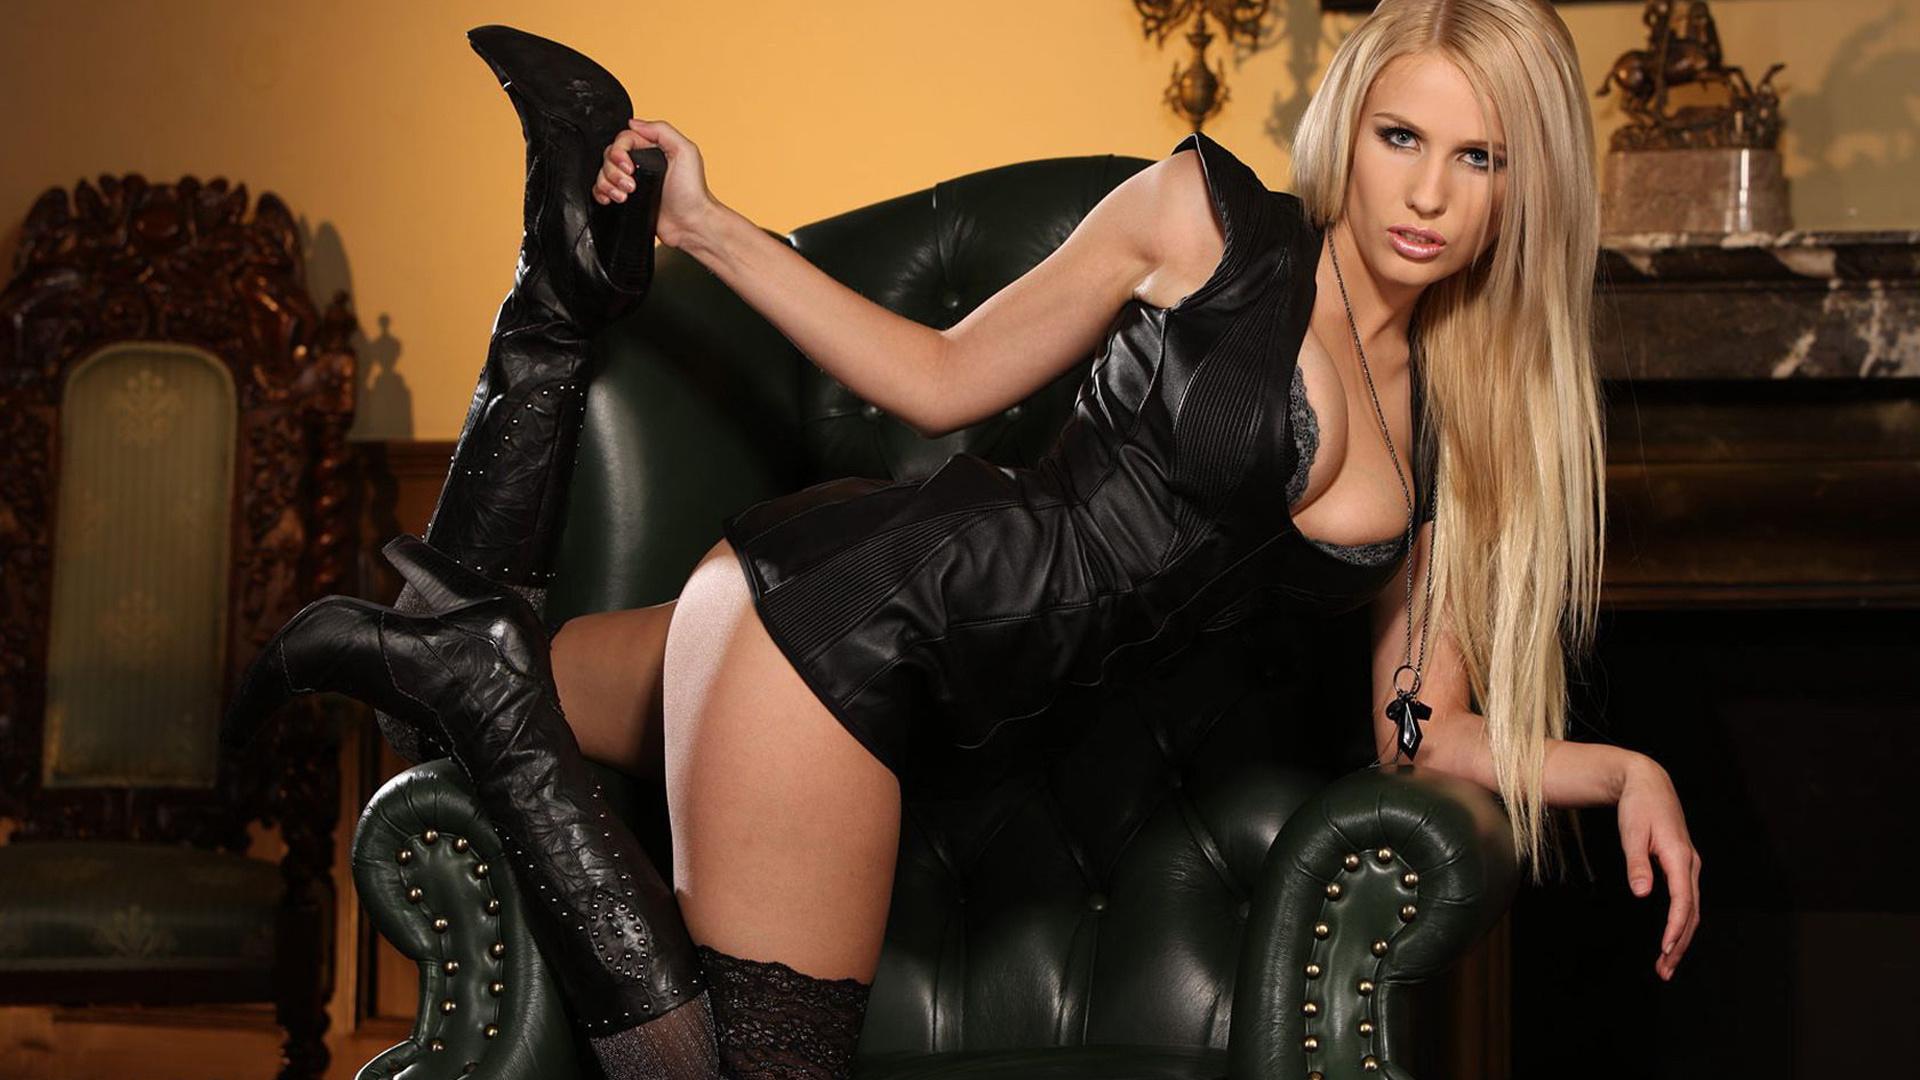 Фото блондинок в черных чулках и платьях 2 фотография